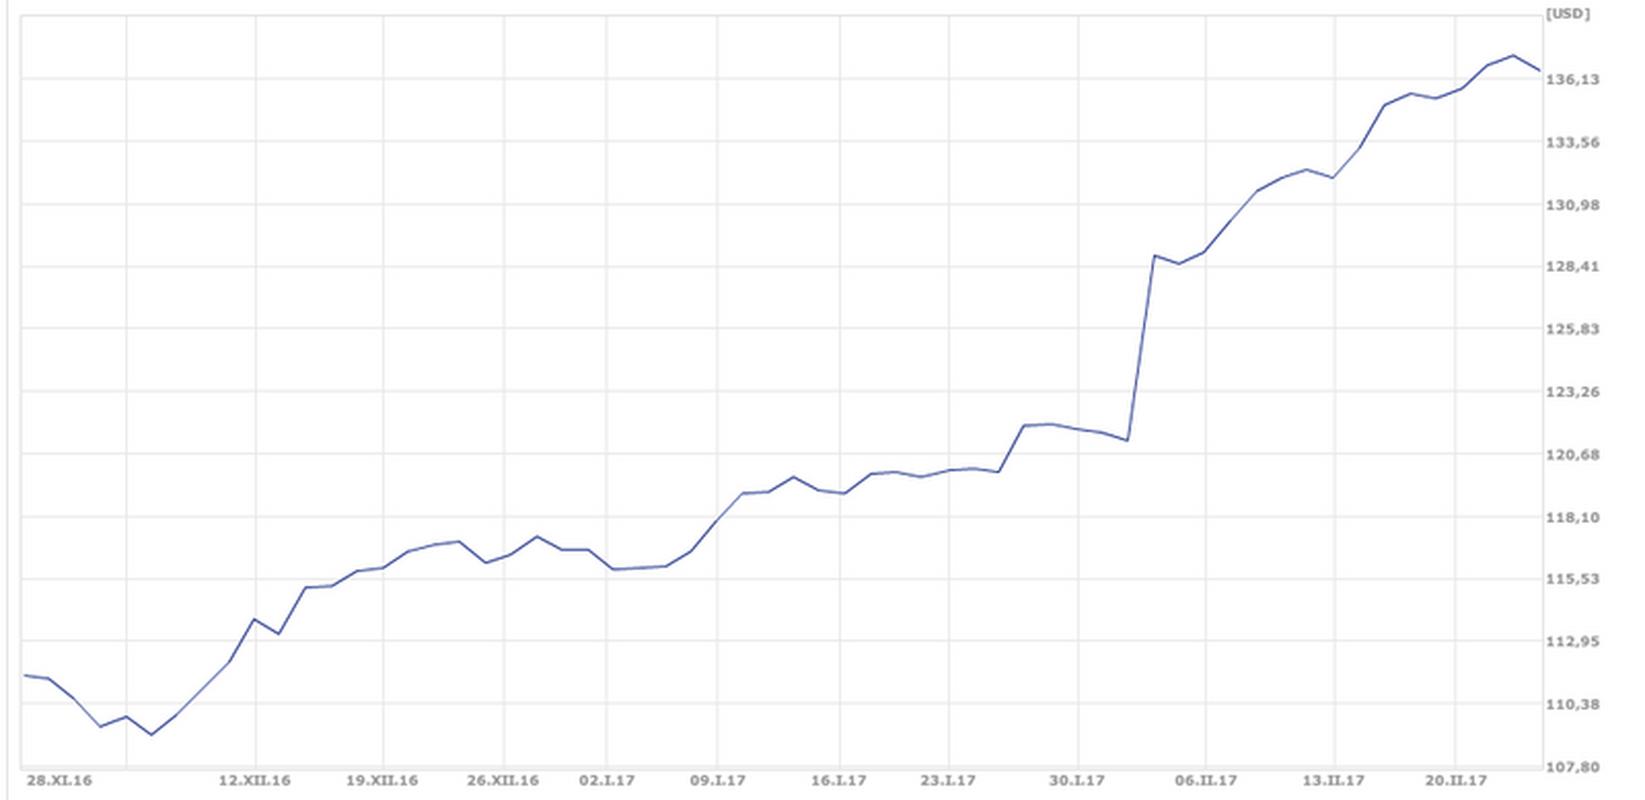 Wykres kursu akcji Apple z ostatnich 3 miesięcy